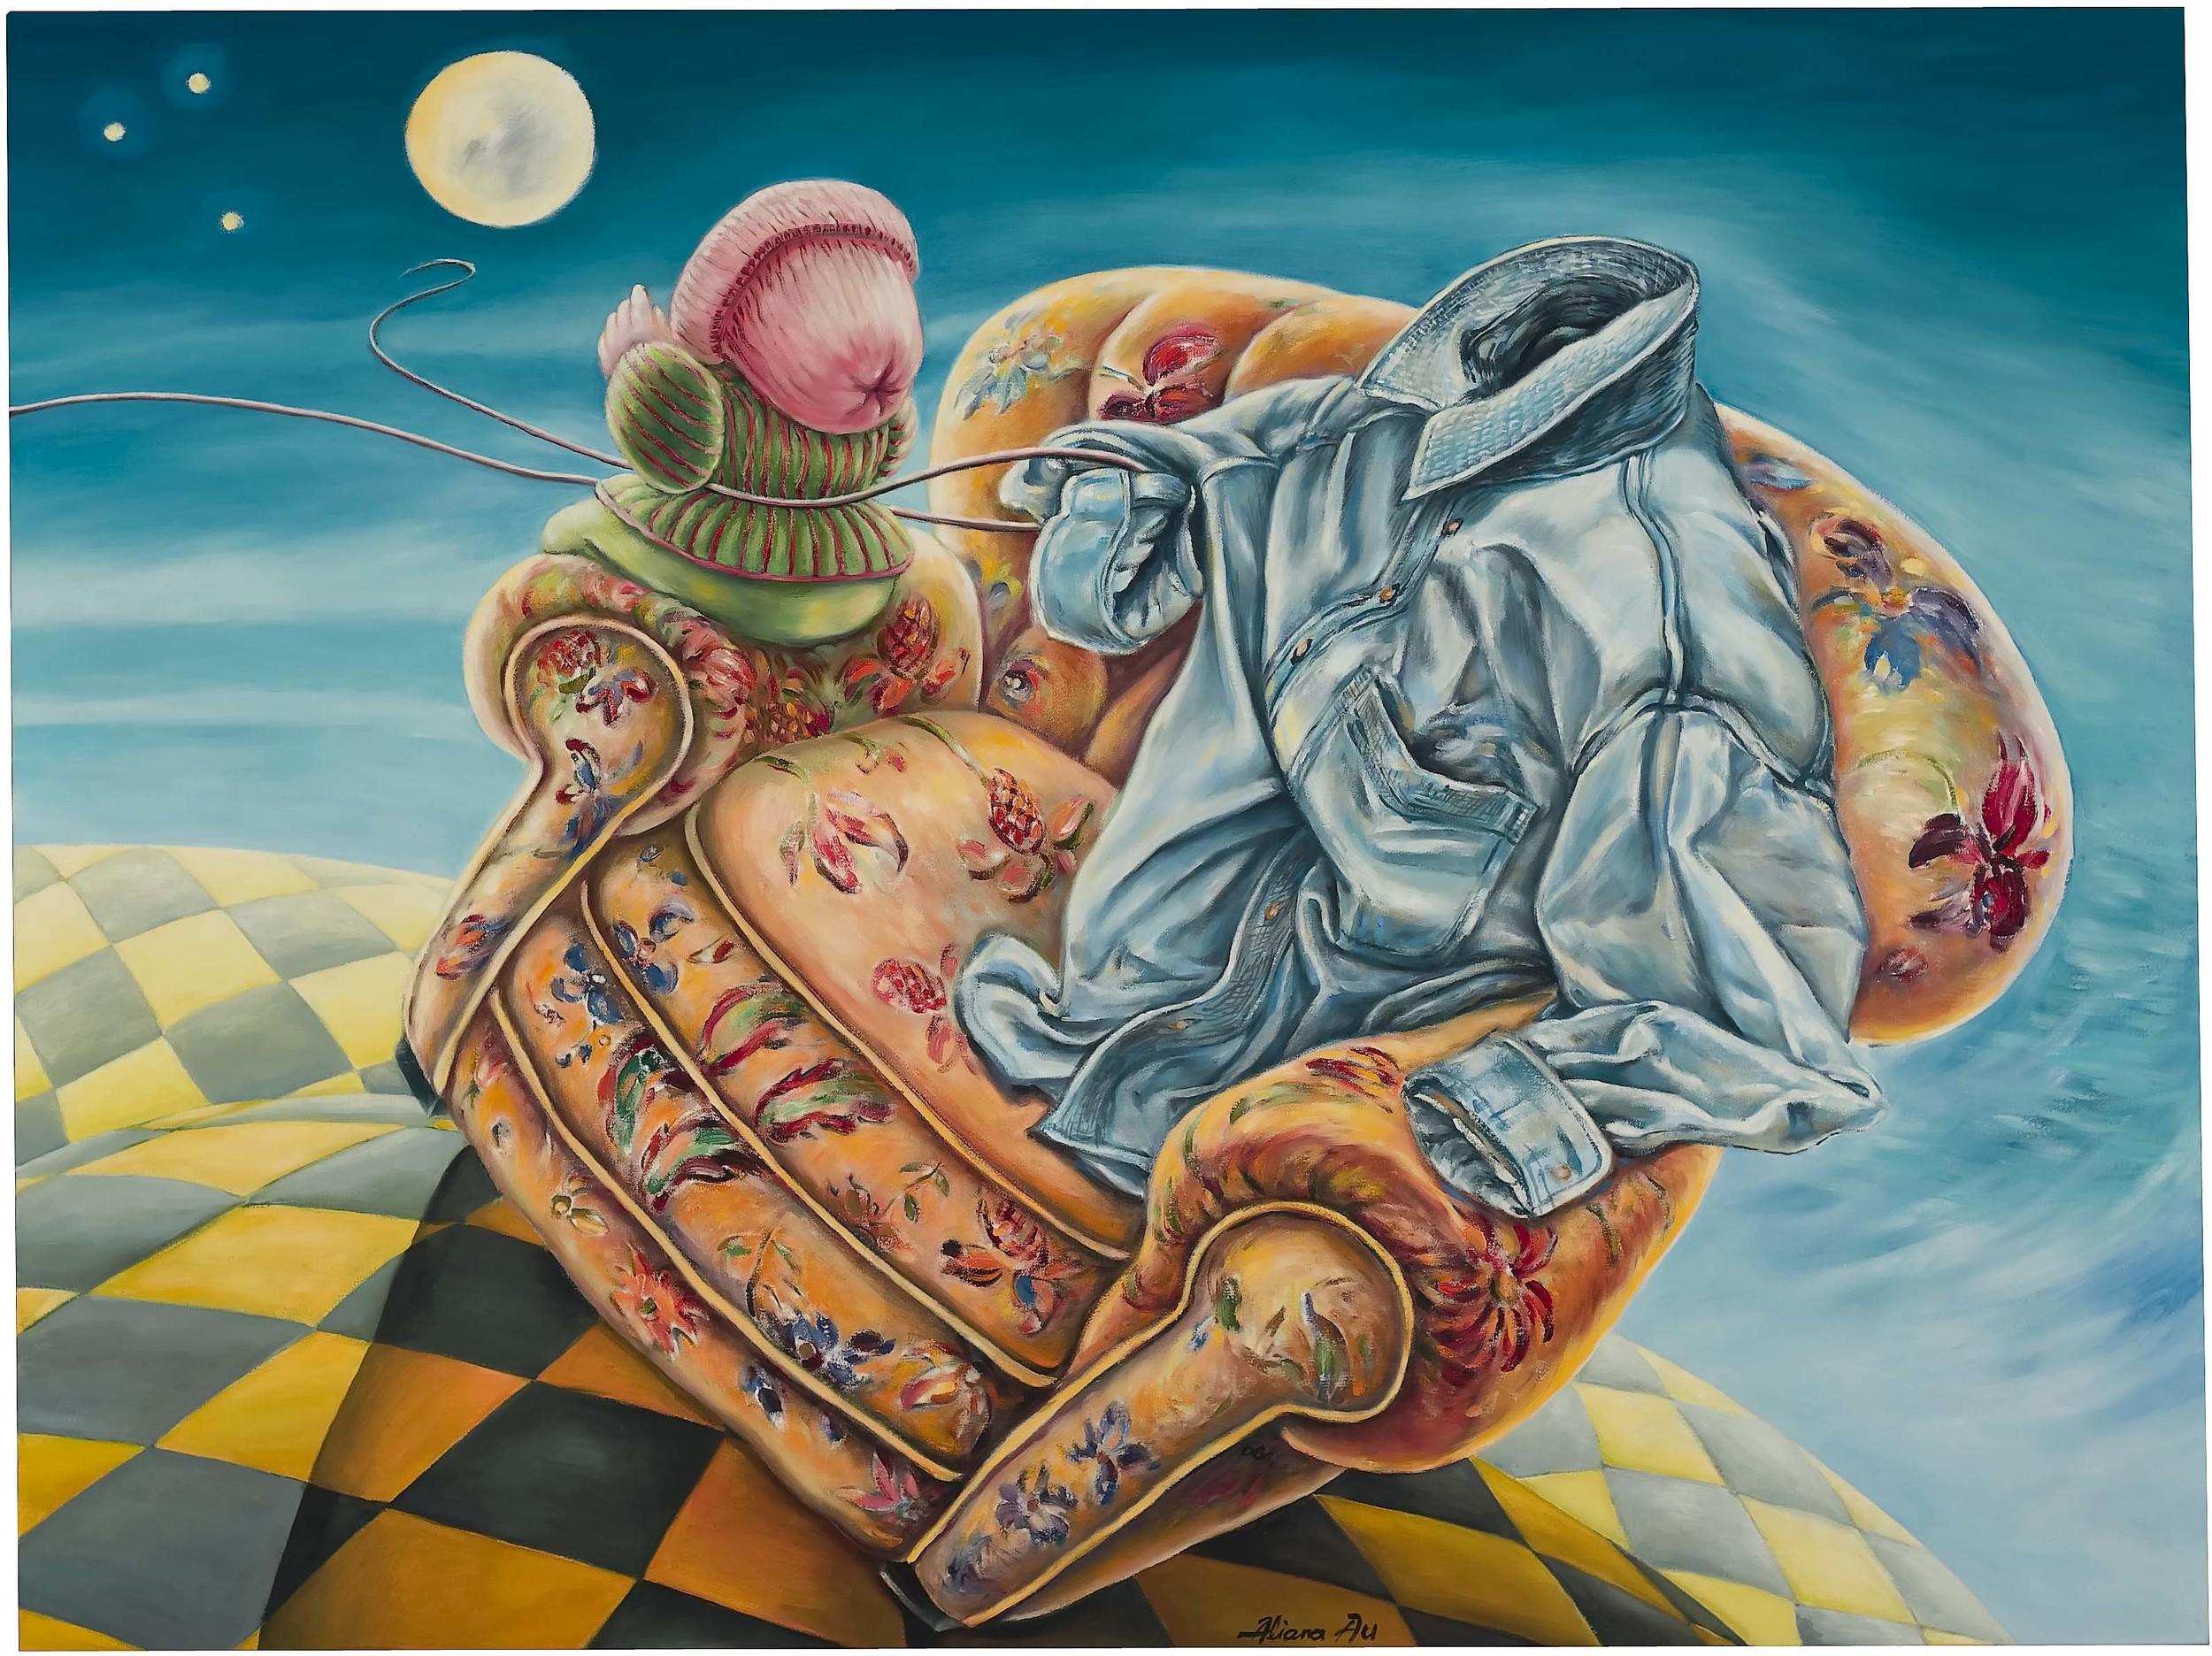 AA-042, Aliana Au, On The Chair No. 9, 2006, Oil on Canvas, 50x38cm, $7,000